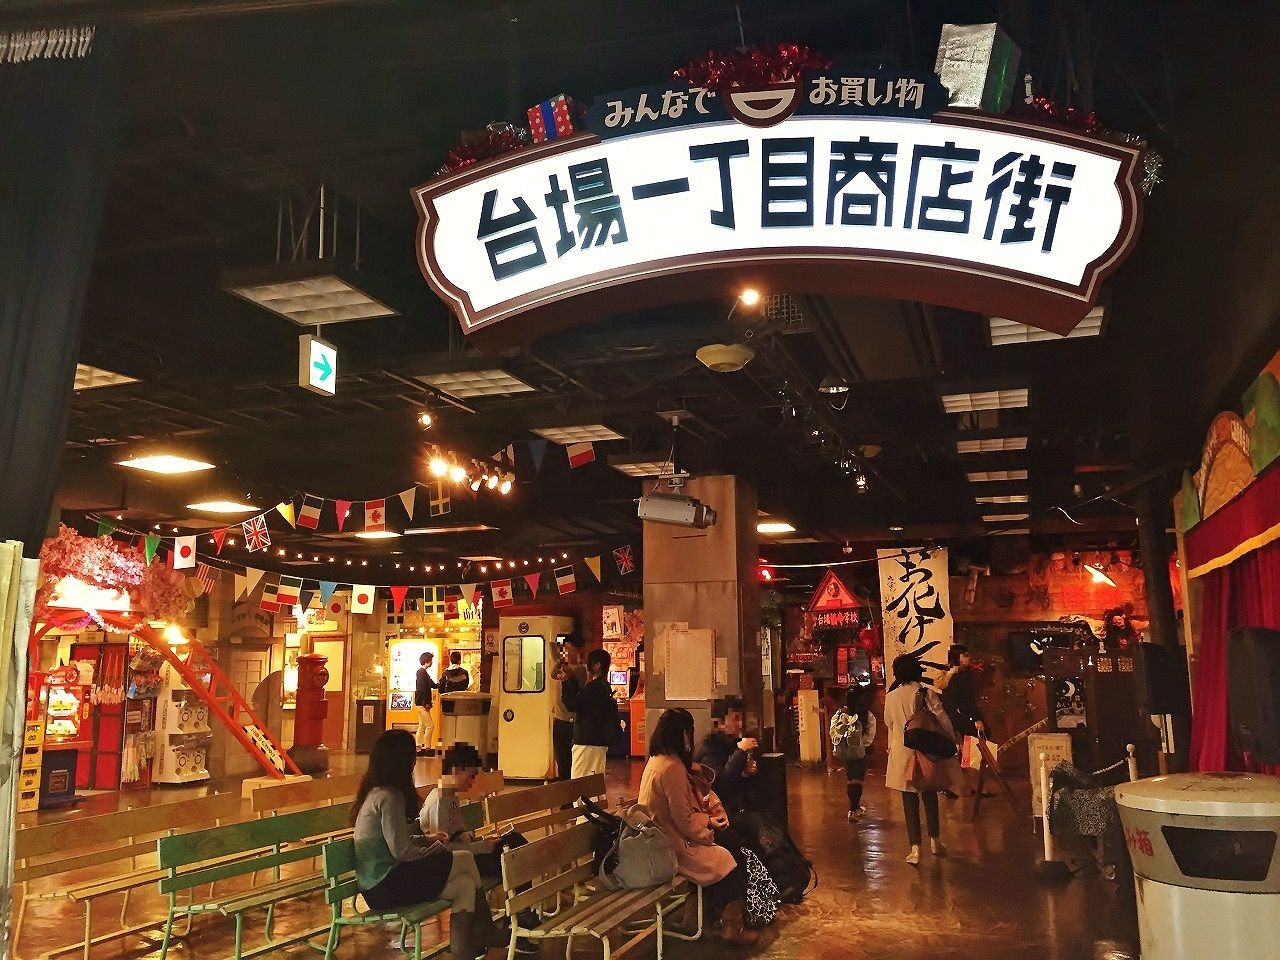 昭和にタイムスリップ!「台場一丁目商店街」を満喫しよう!